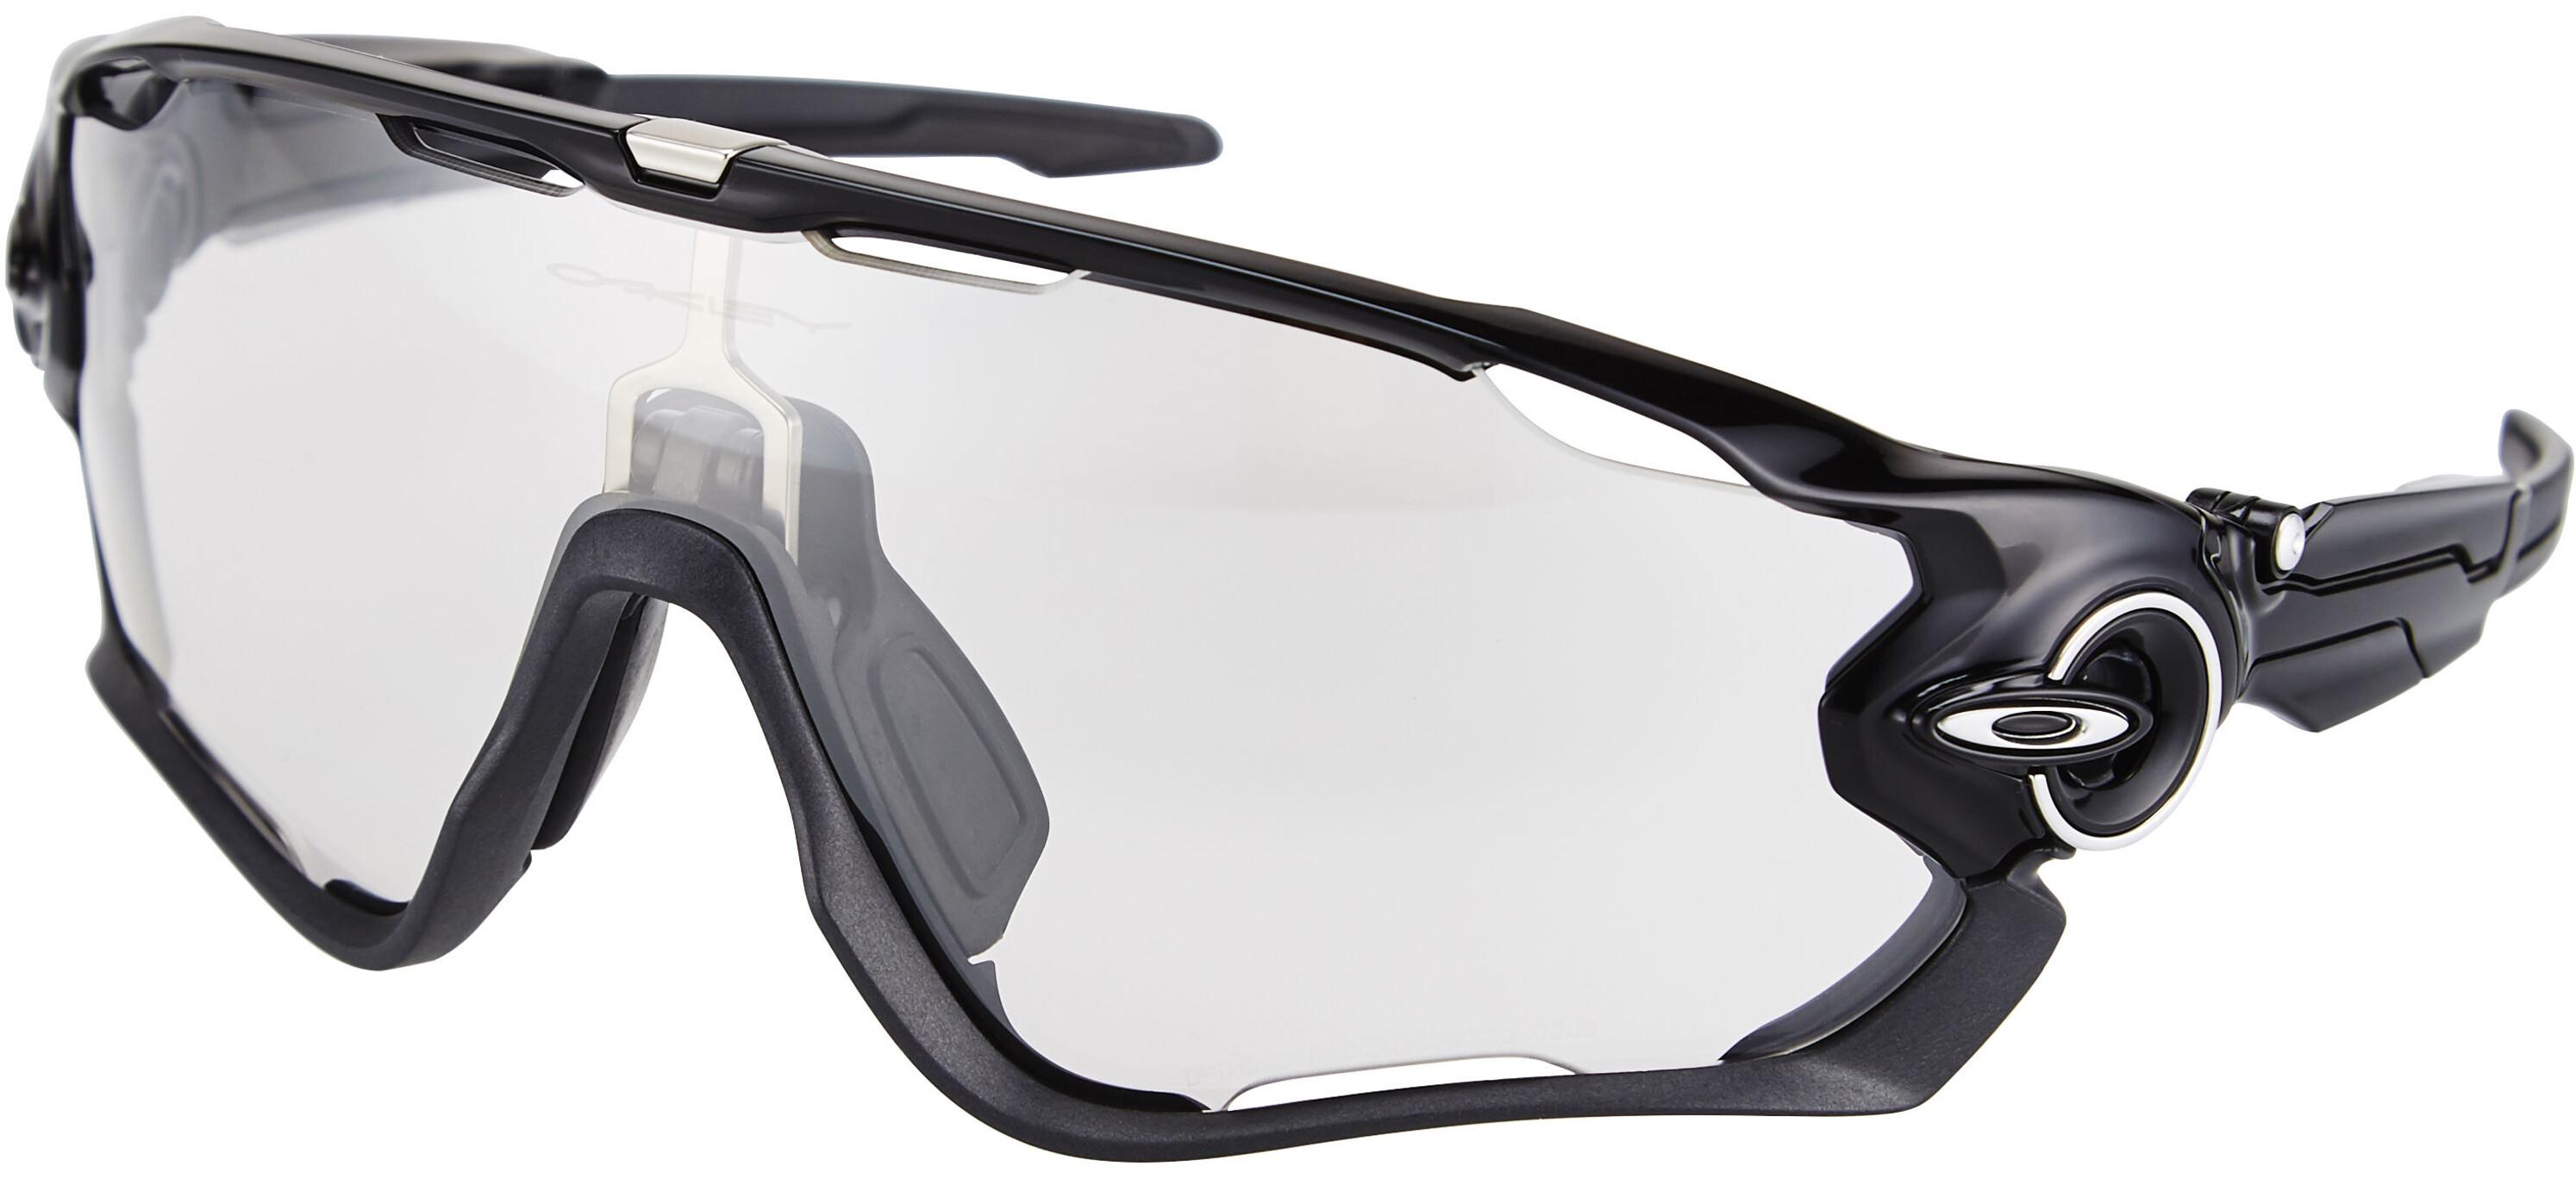 cffee404065d67 Oakley Jawbreaker - Lunettes cyclisme - noir - Boutique de vélos en ...